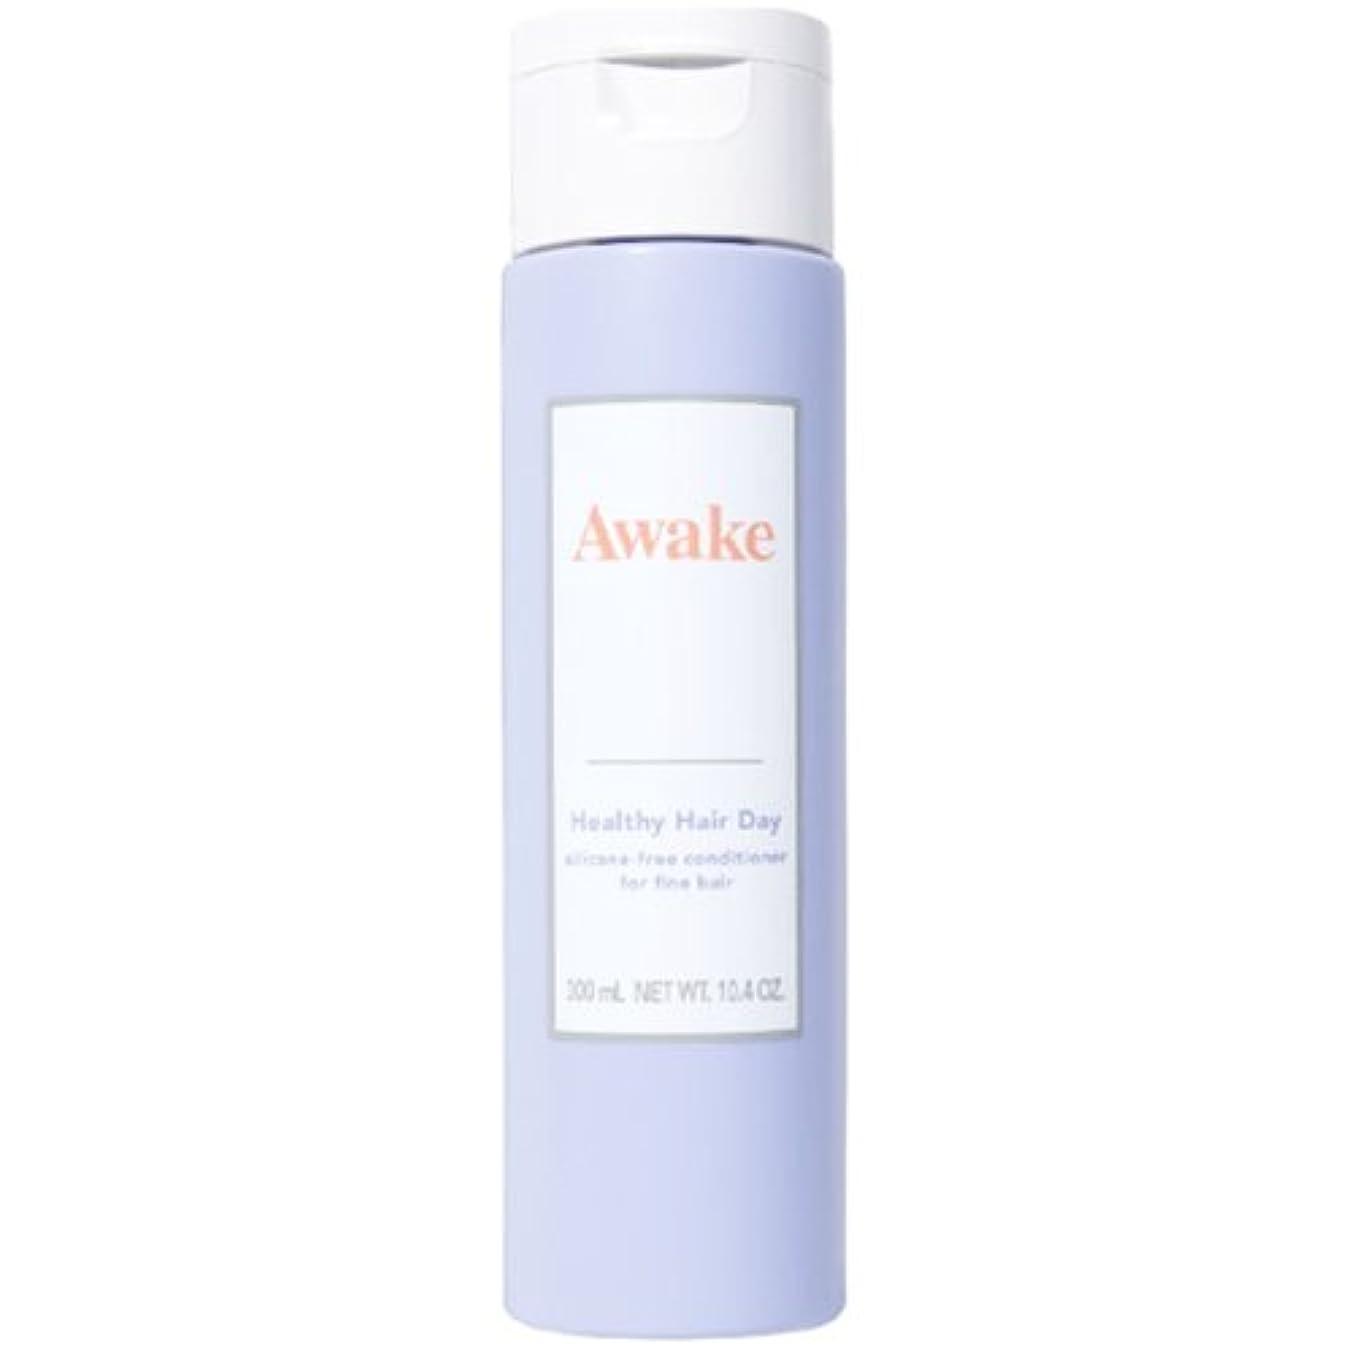 最後の増幅優しいアウェイク(AWAKE) Awake(アウェイク) ヘルシーヘアデイ シリコーンフリー ヘアコンディショナー ハリコシアップヘア用 (300mL)